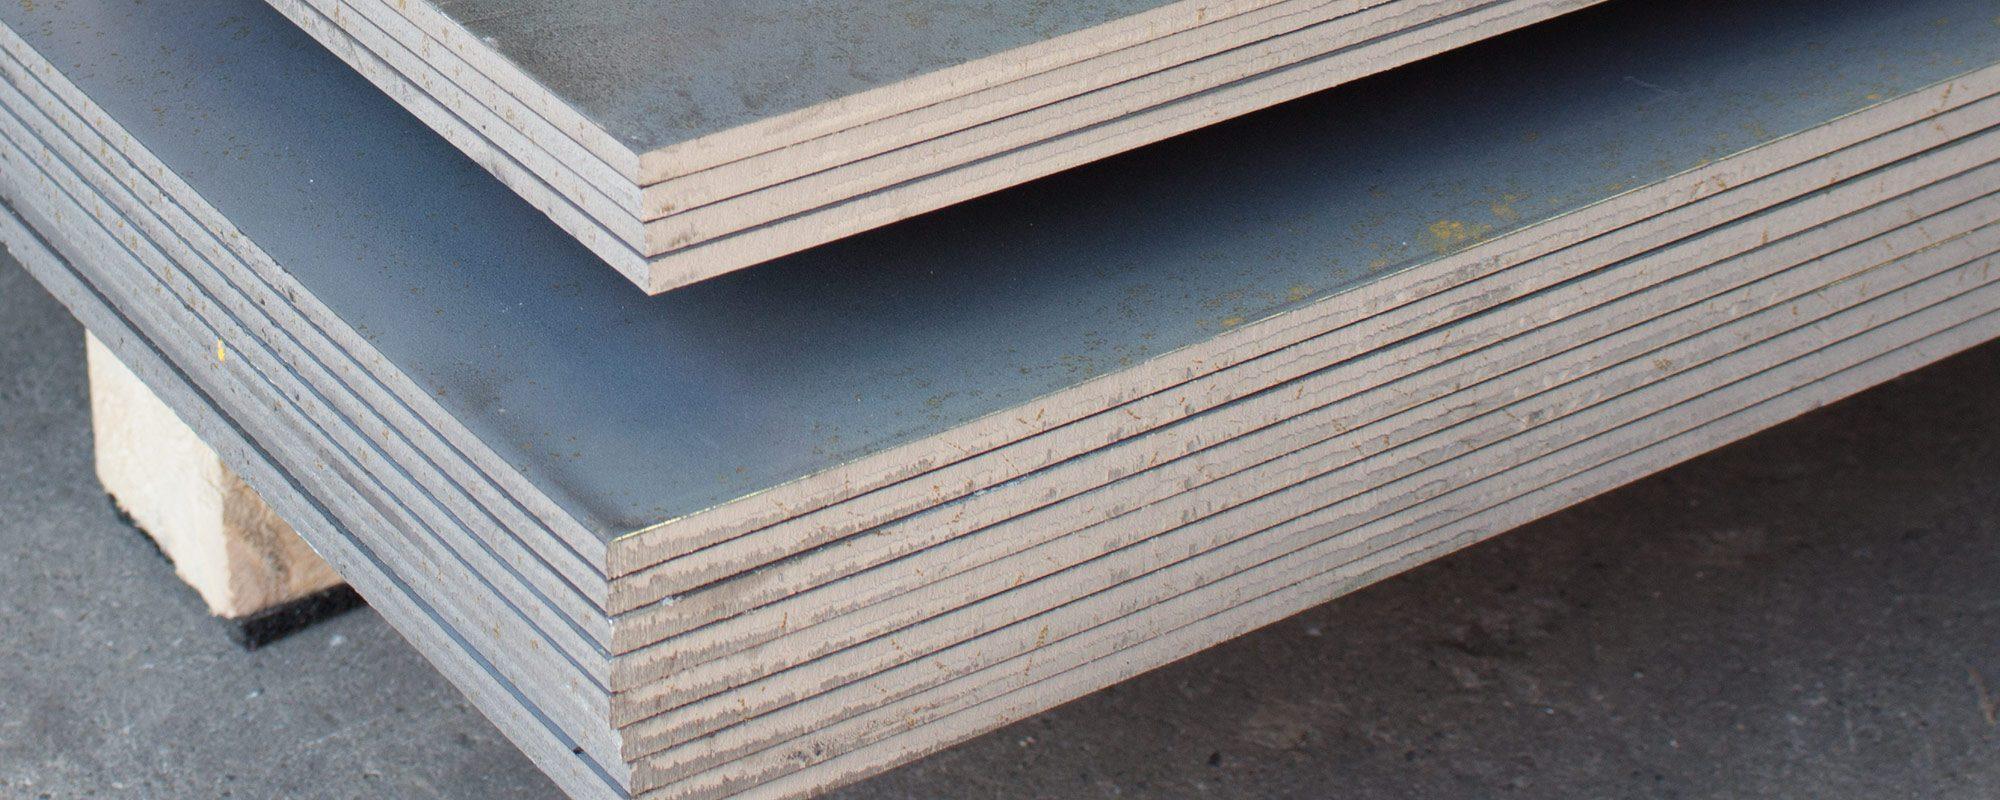 Manganese Steel - West Yorkshire Steel